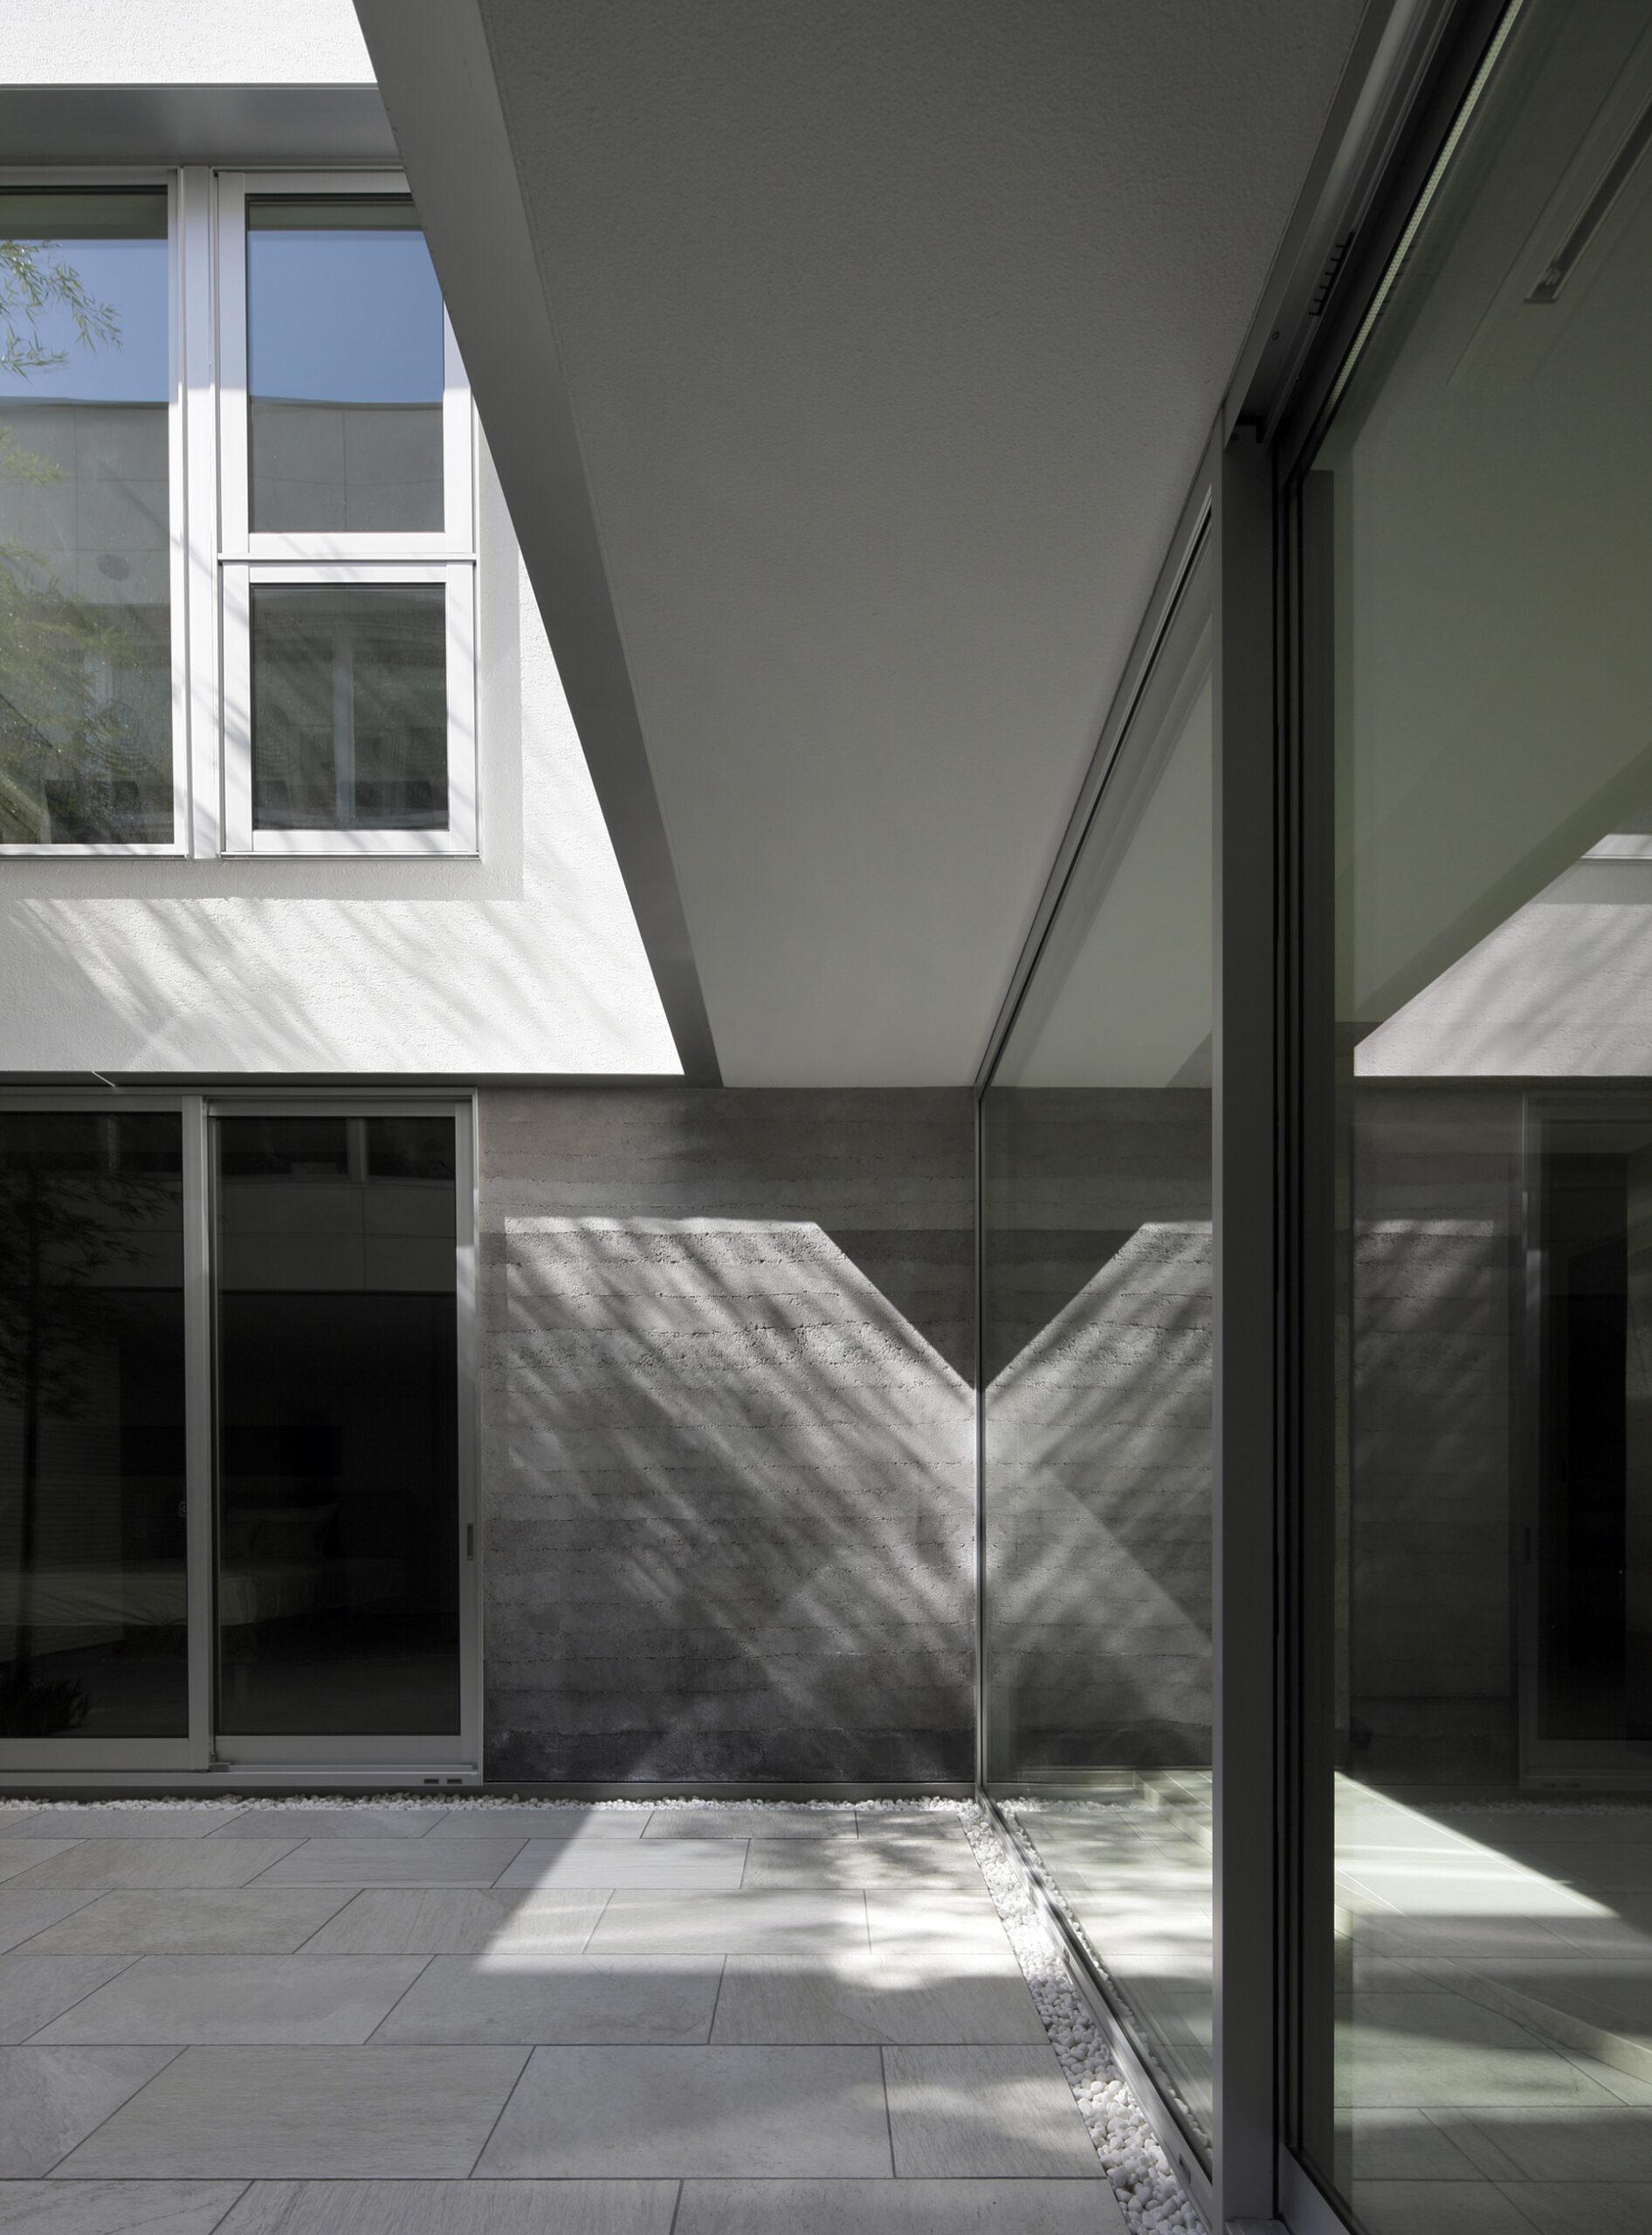 建築写真, architecture, 光, light